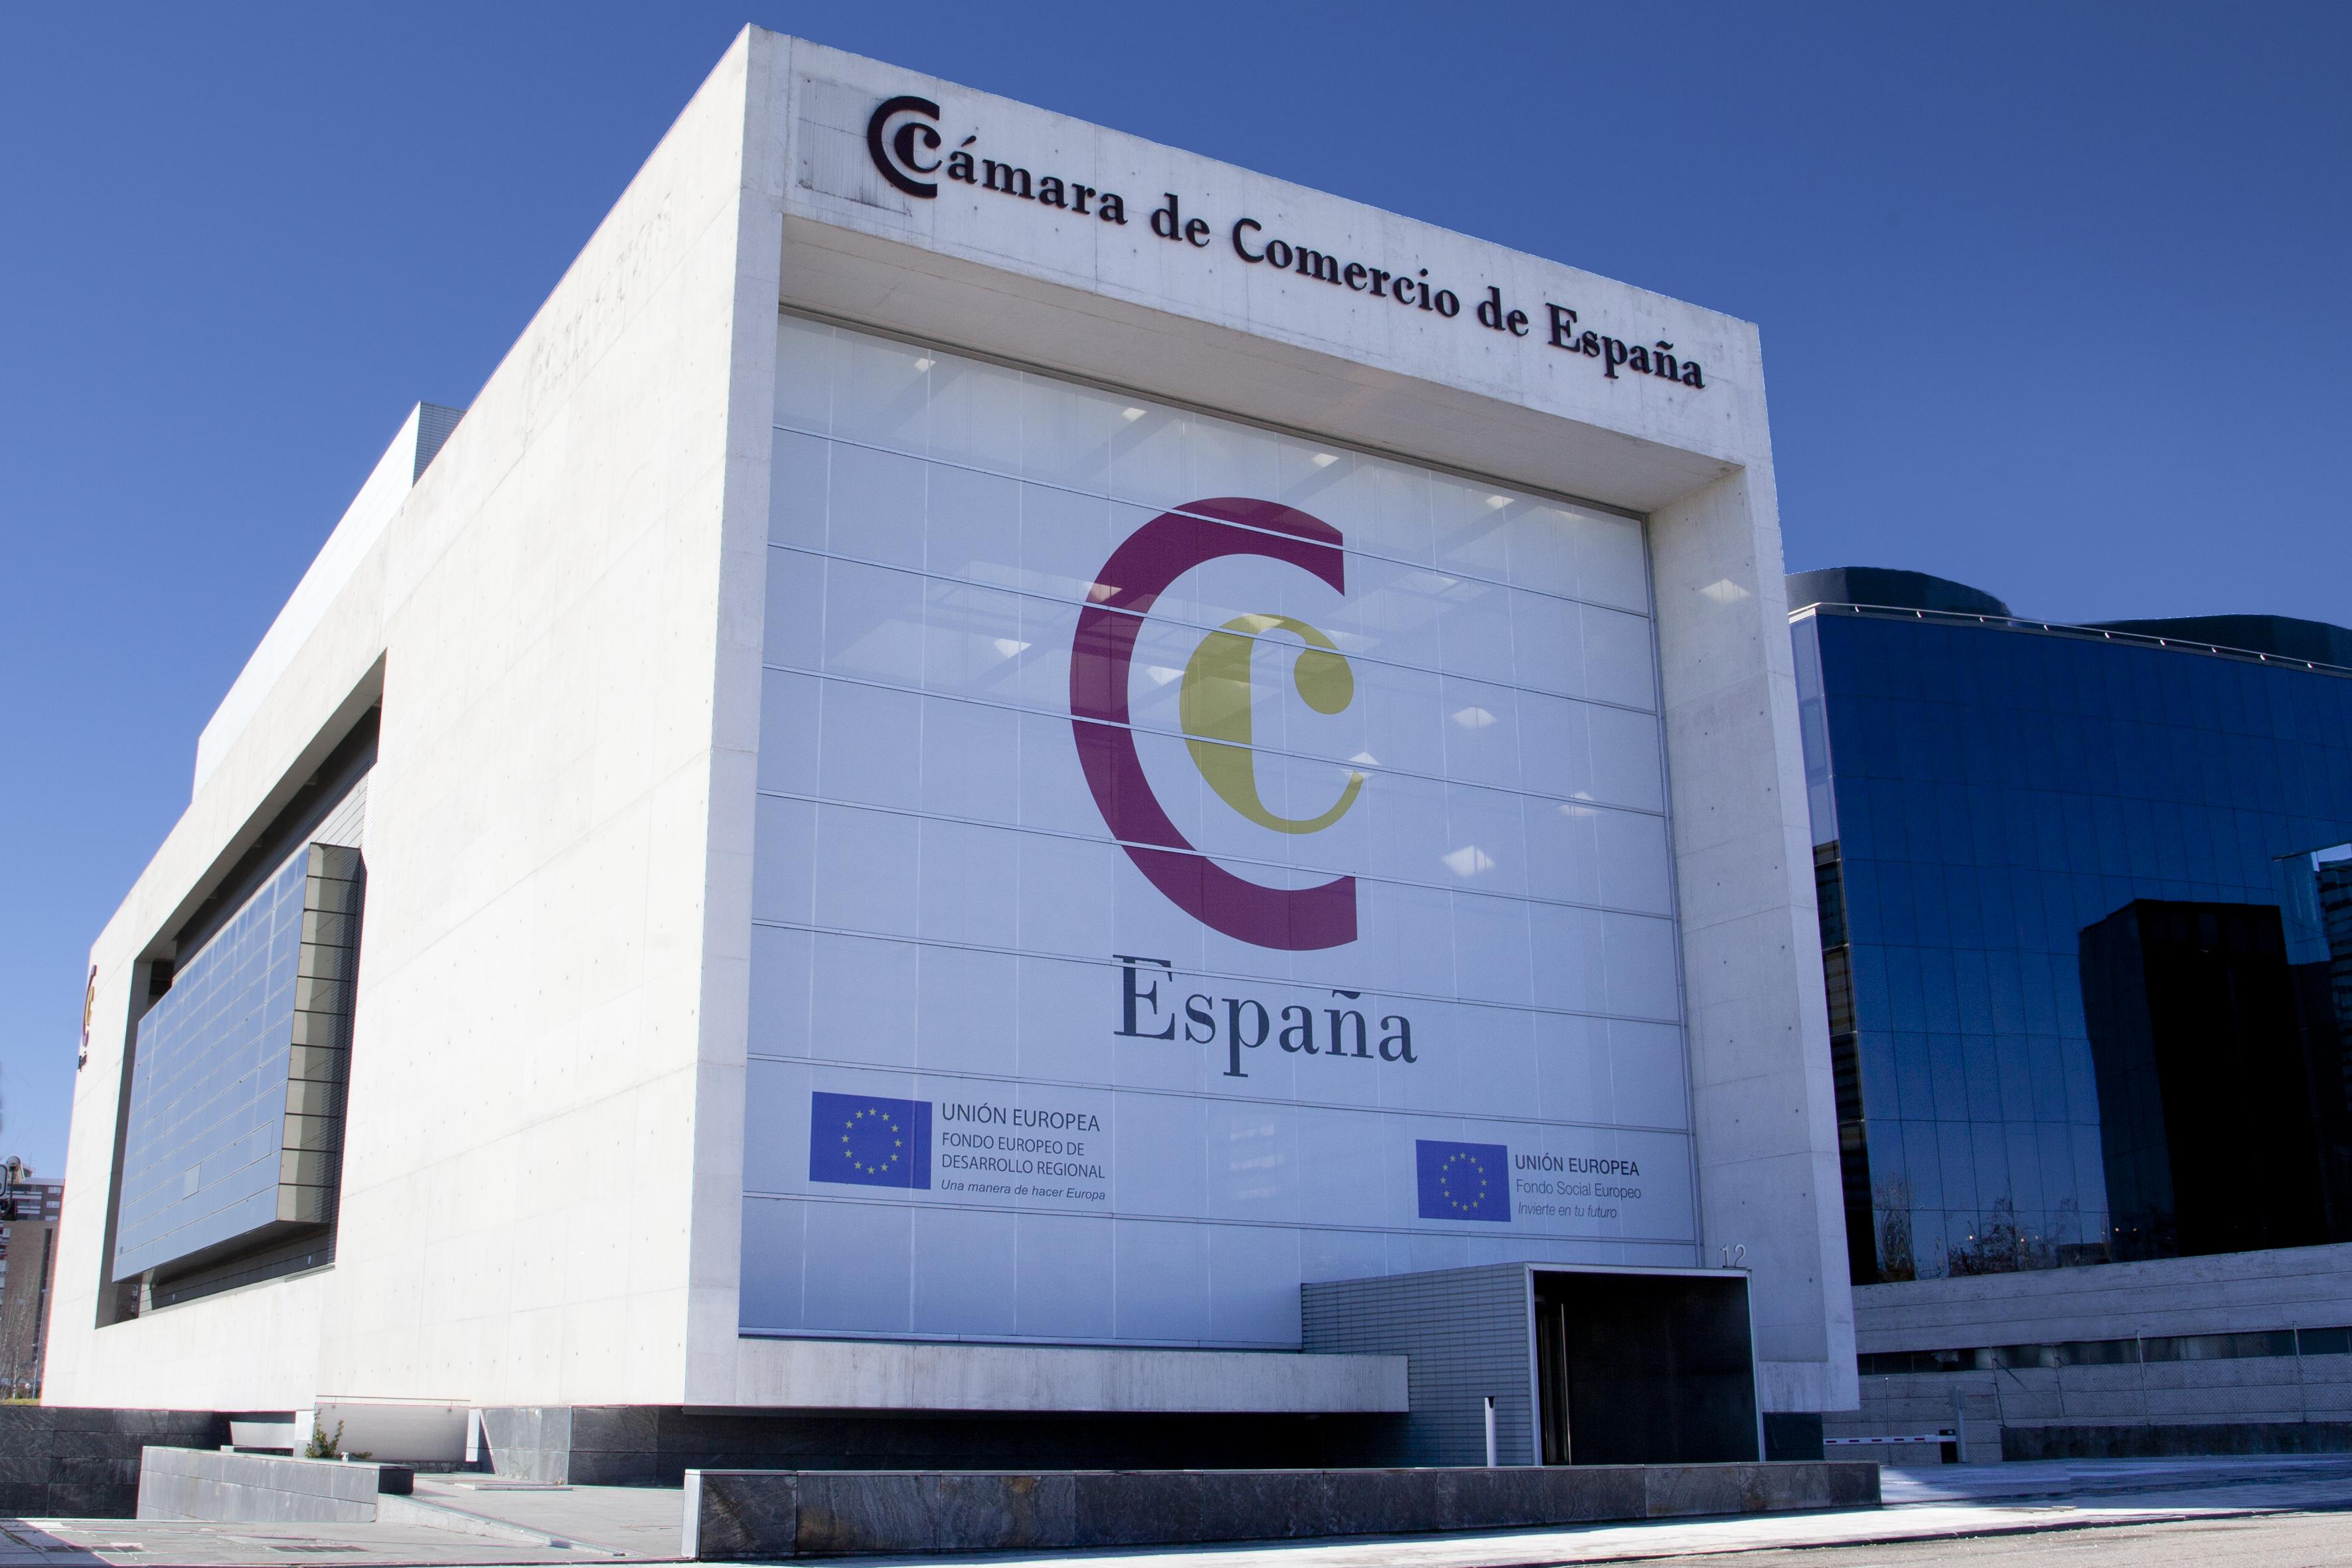 La Cámara de Comercio prevé un aumento del PIB español del 5,9%